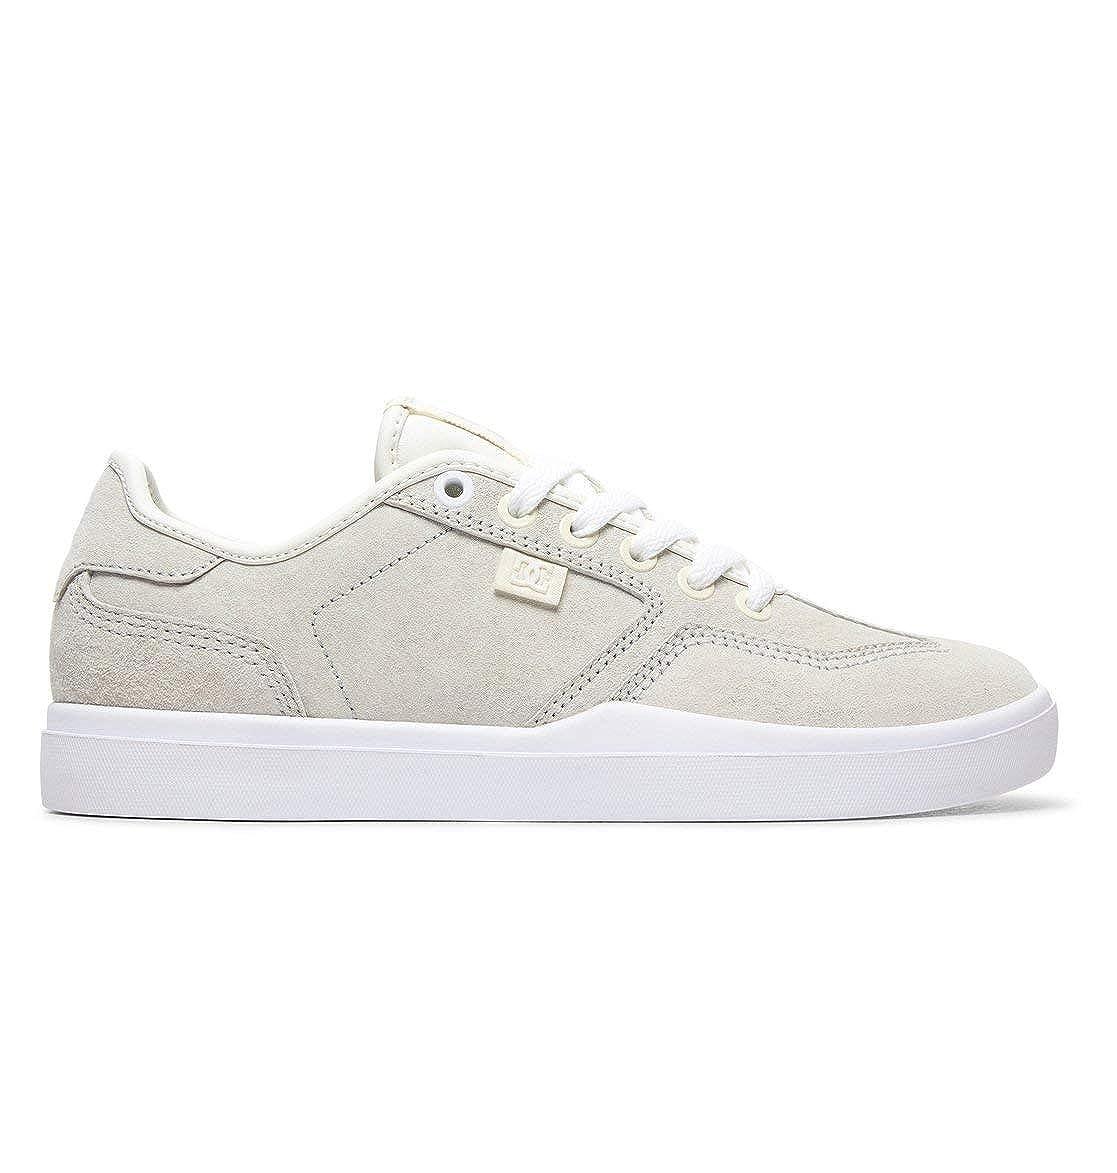 Cuir Chaussures En Shoes 5 Blanc 37 Dc Vestrey Le Eu Femme PXZiTOku